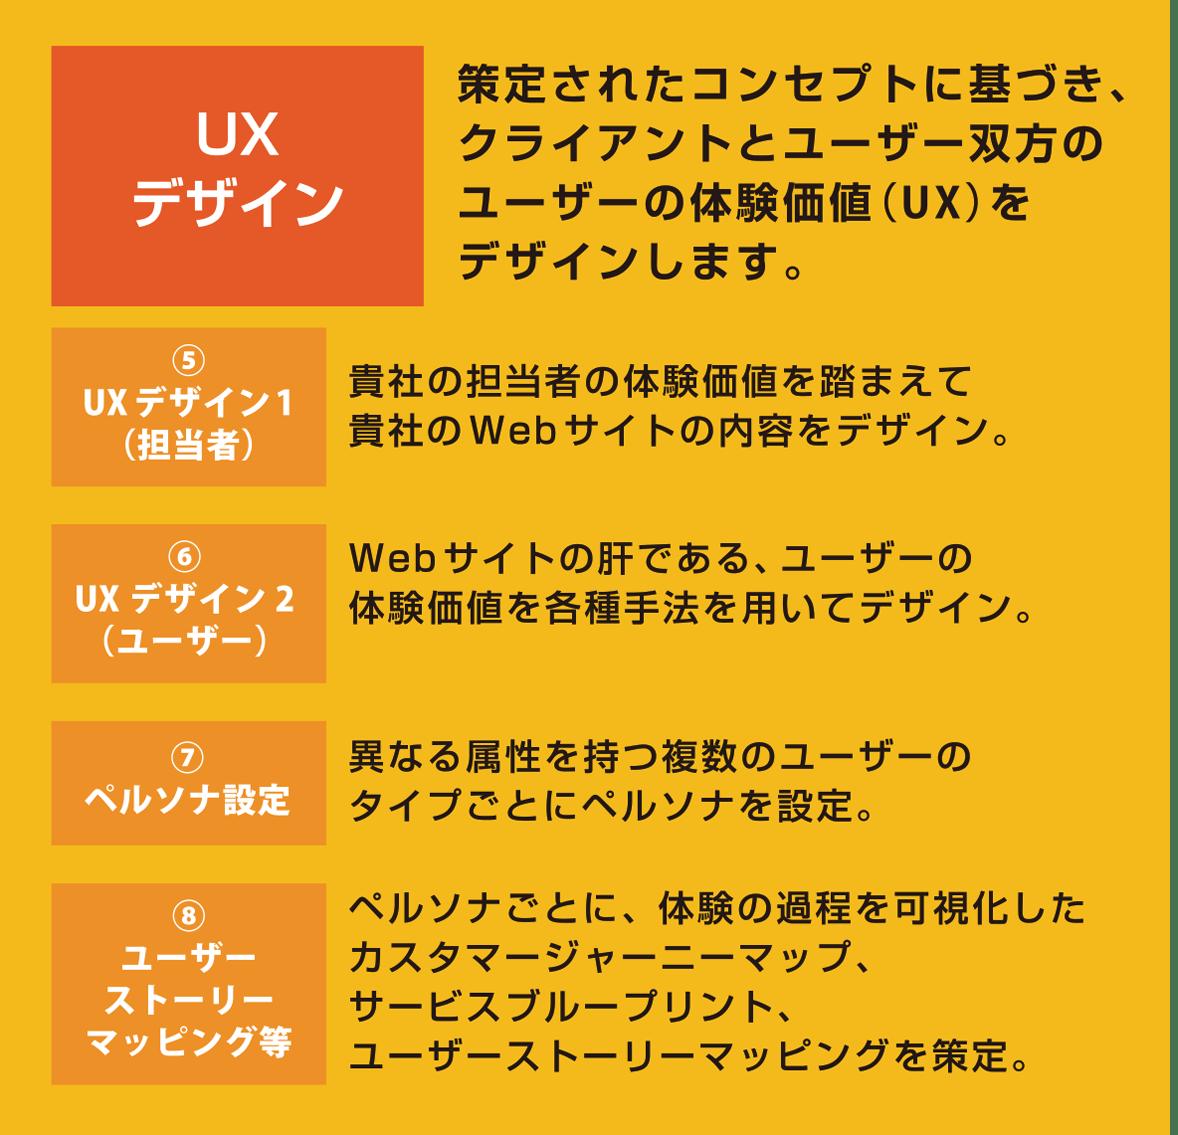 2 UXデザイン